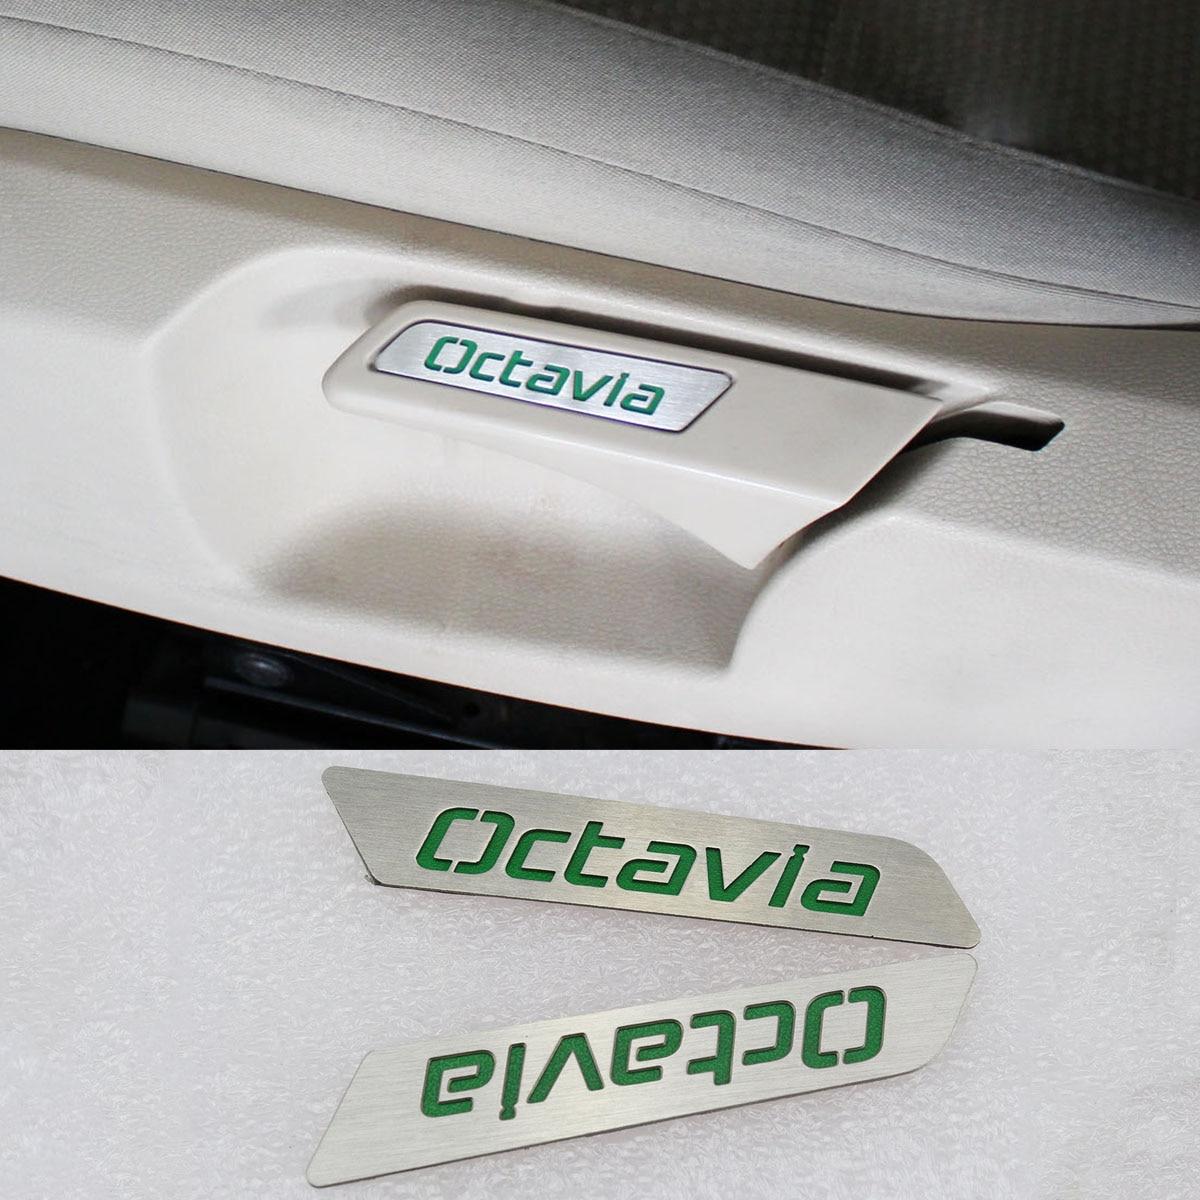 Stainless Steel Green Seat Lift Wrench Insert Trim for VW Skoda Octavia sheer insert frill trim blouse